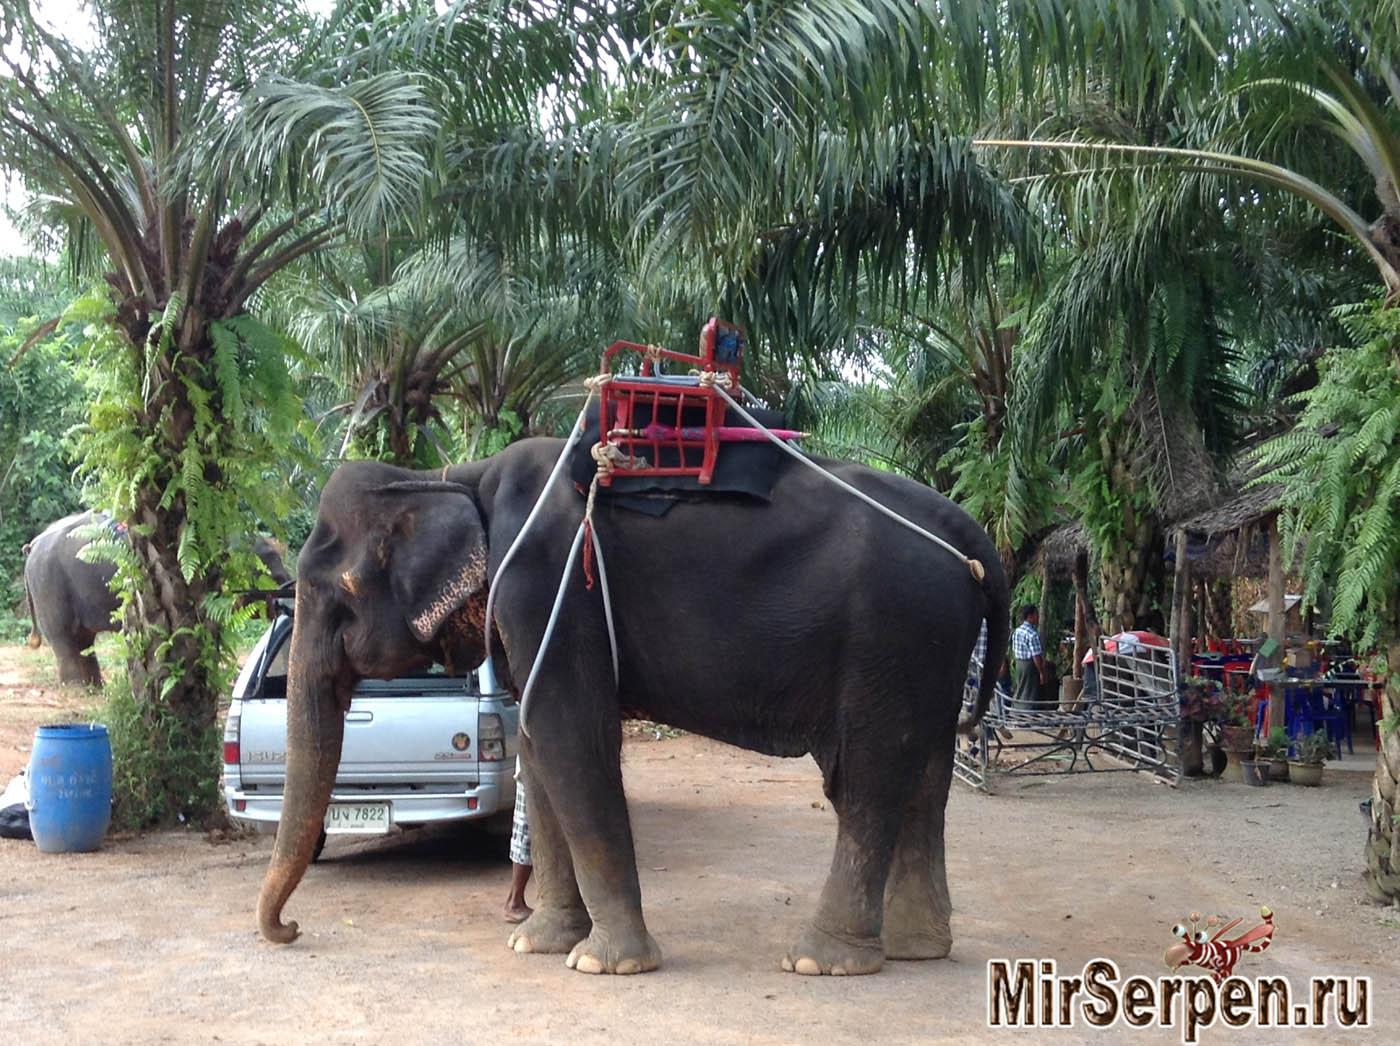 Катание на слонах — ожидания и реальность